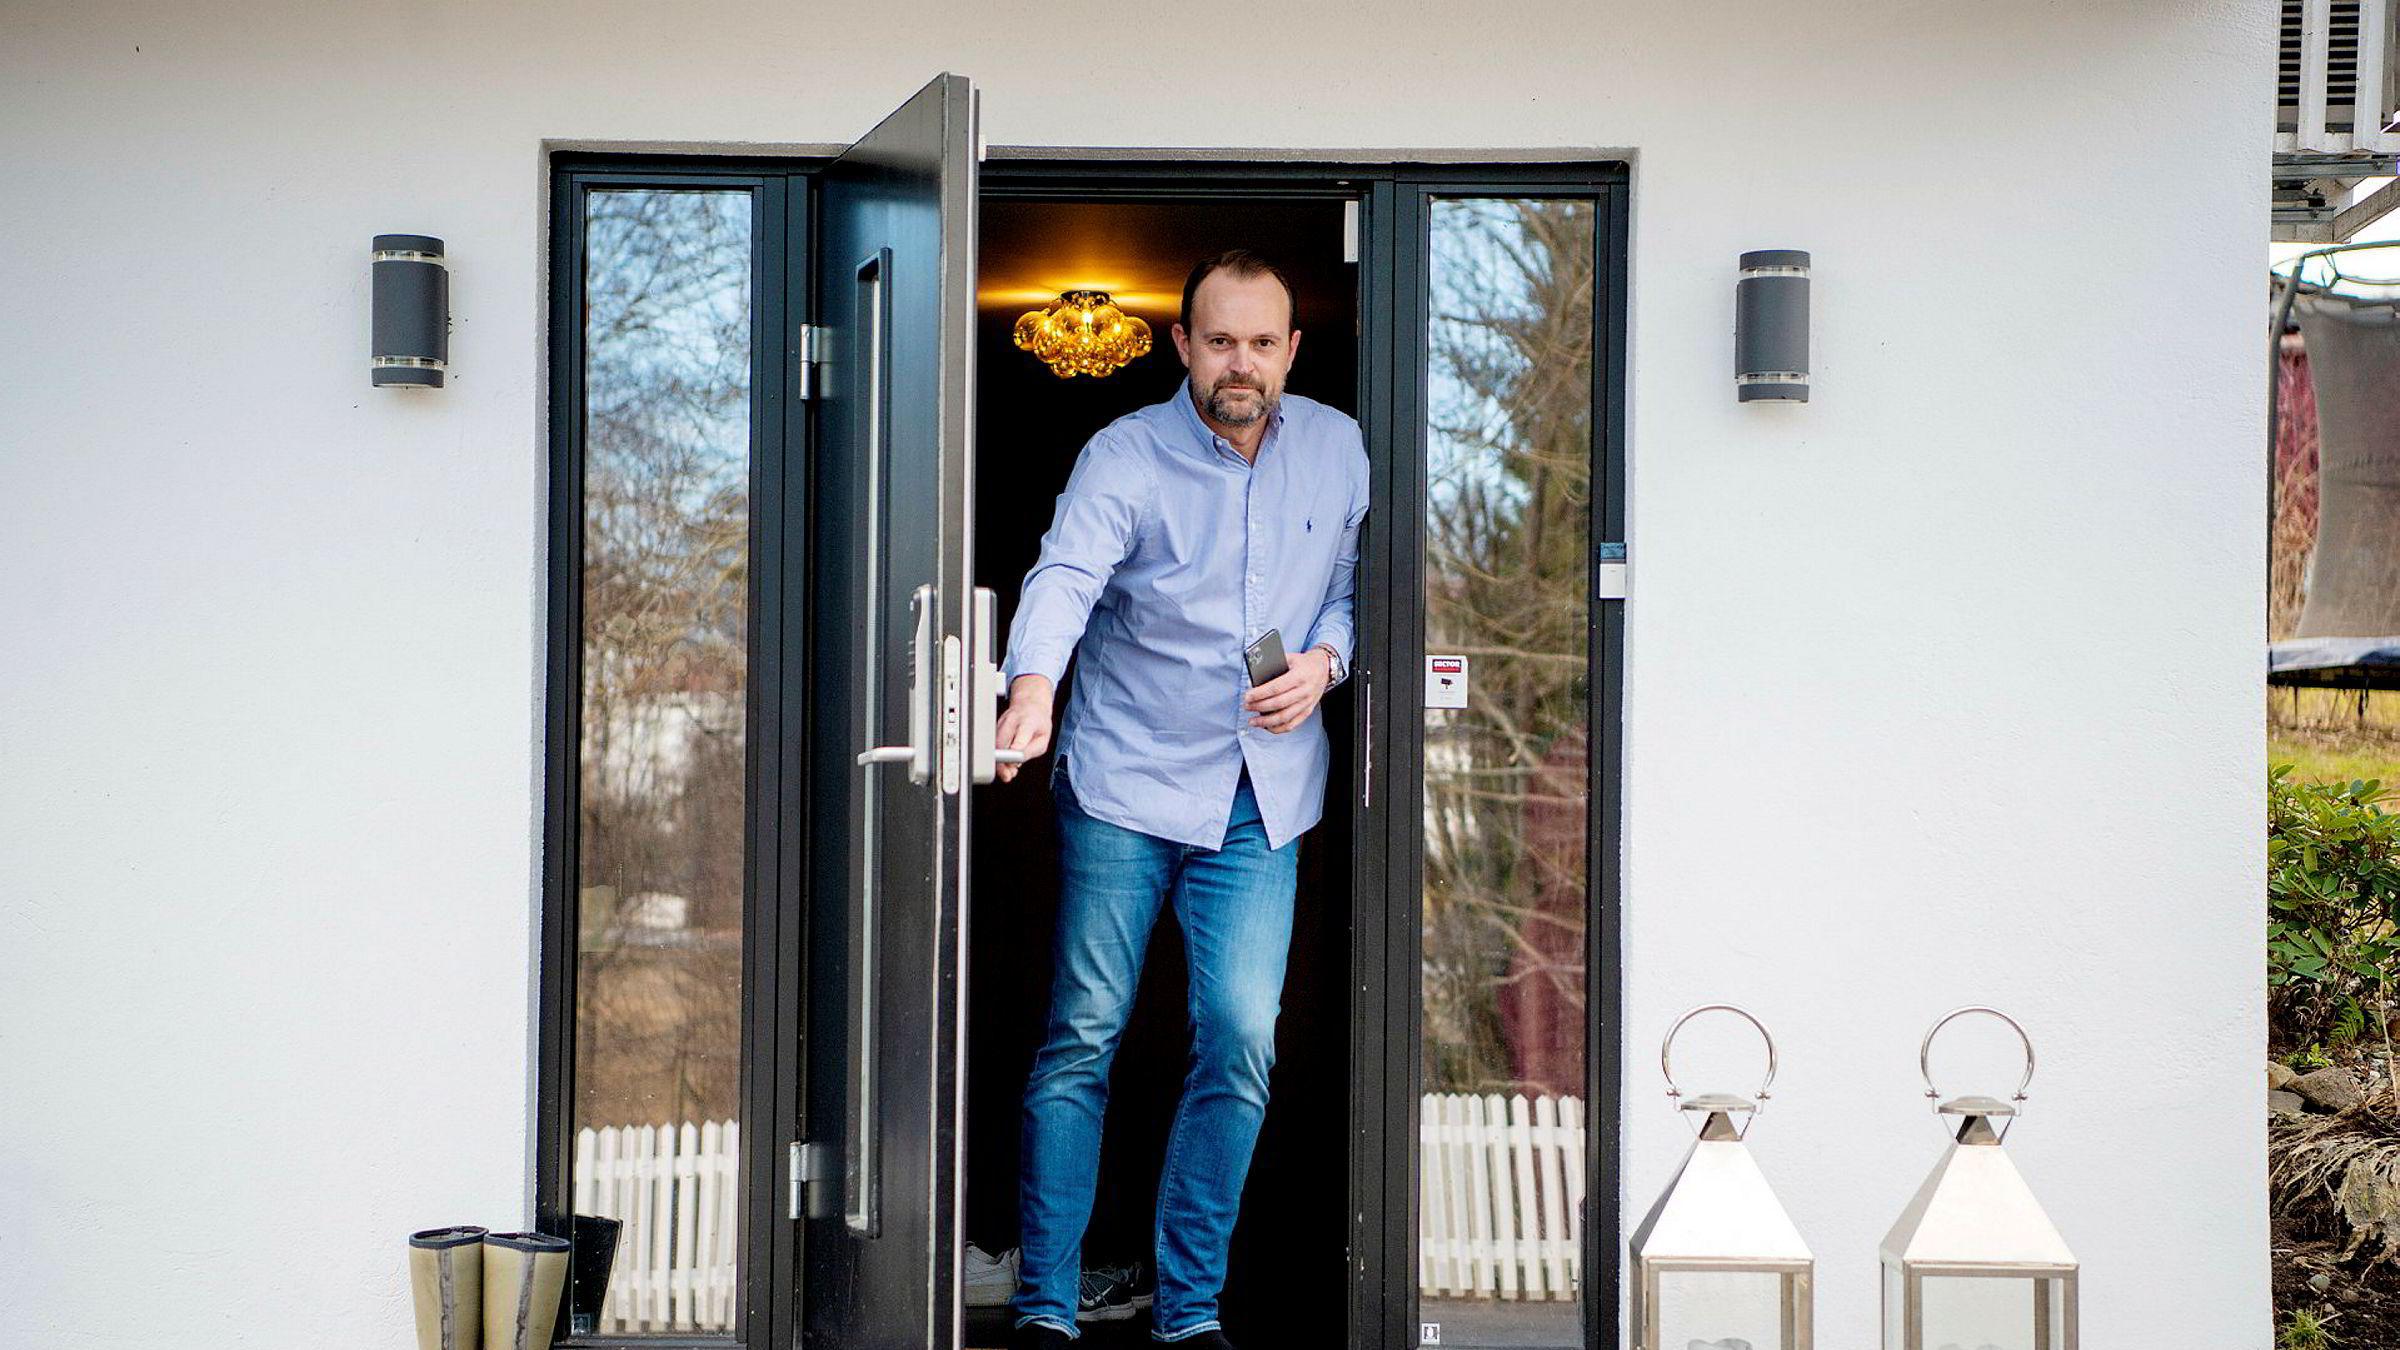 Partner og eiendomsmegler Anders Langtind i Privatmegleren Ullevål blir nedringt av urolige kunder, men opplever foreløpig ingen panikk: – Nei, ingenting ennå, og markedet blir jo reddet av den rentenedsettelsen, sier Langtind som for tiden er i hjemmekarantene i familieboligen.